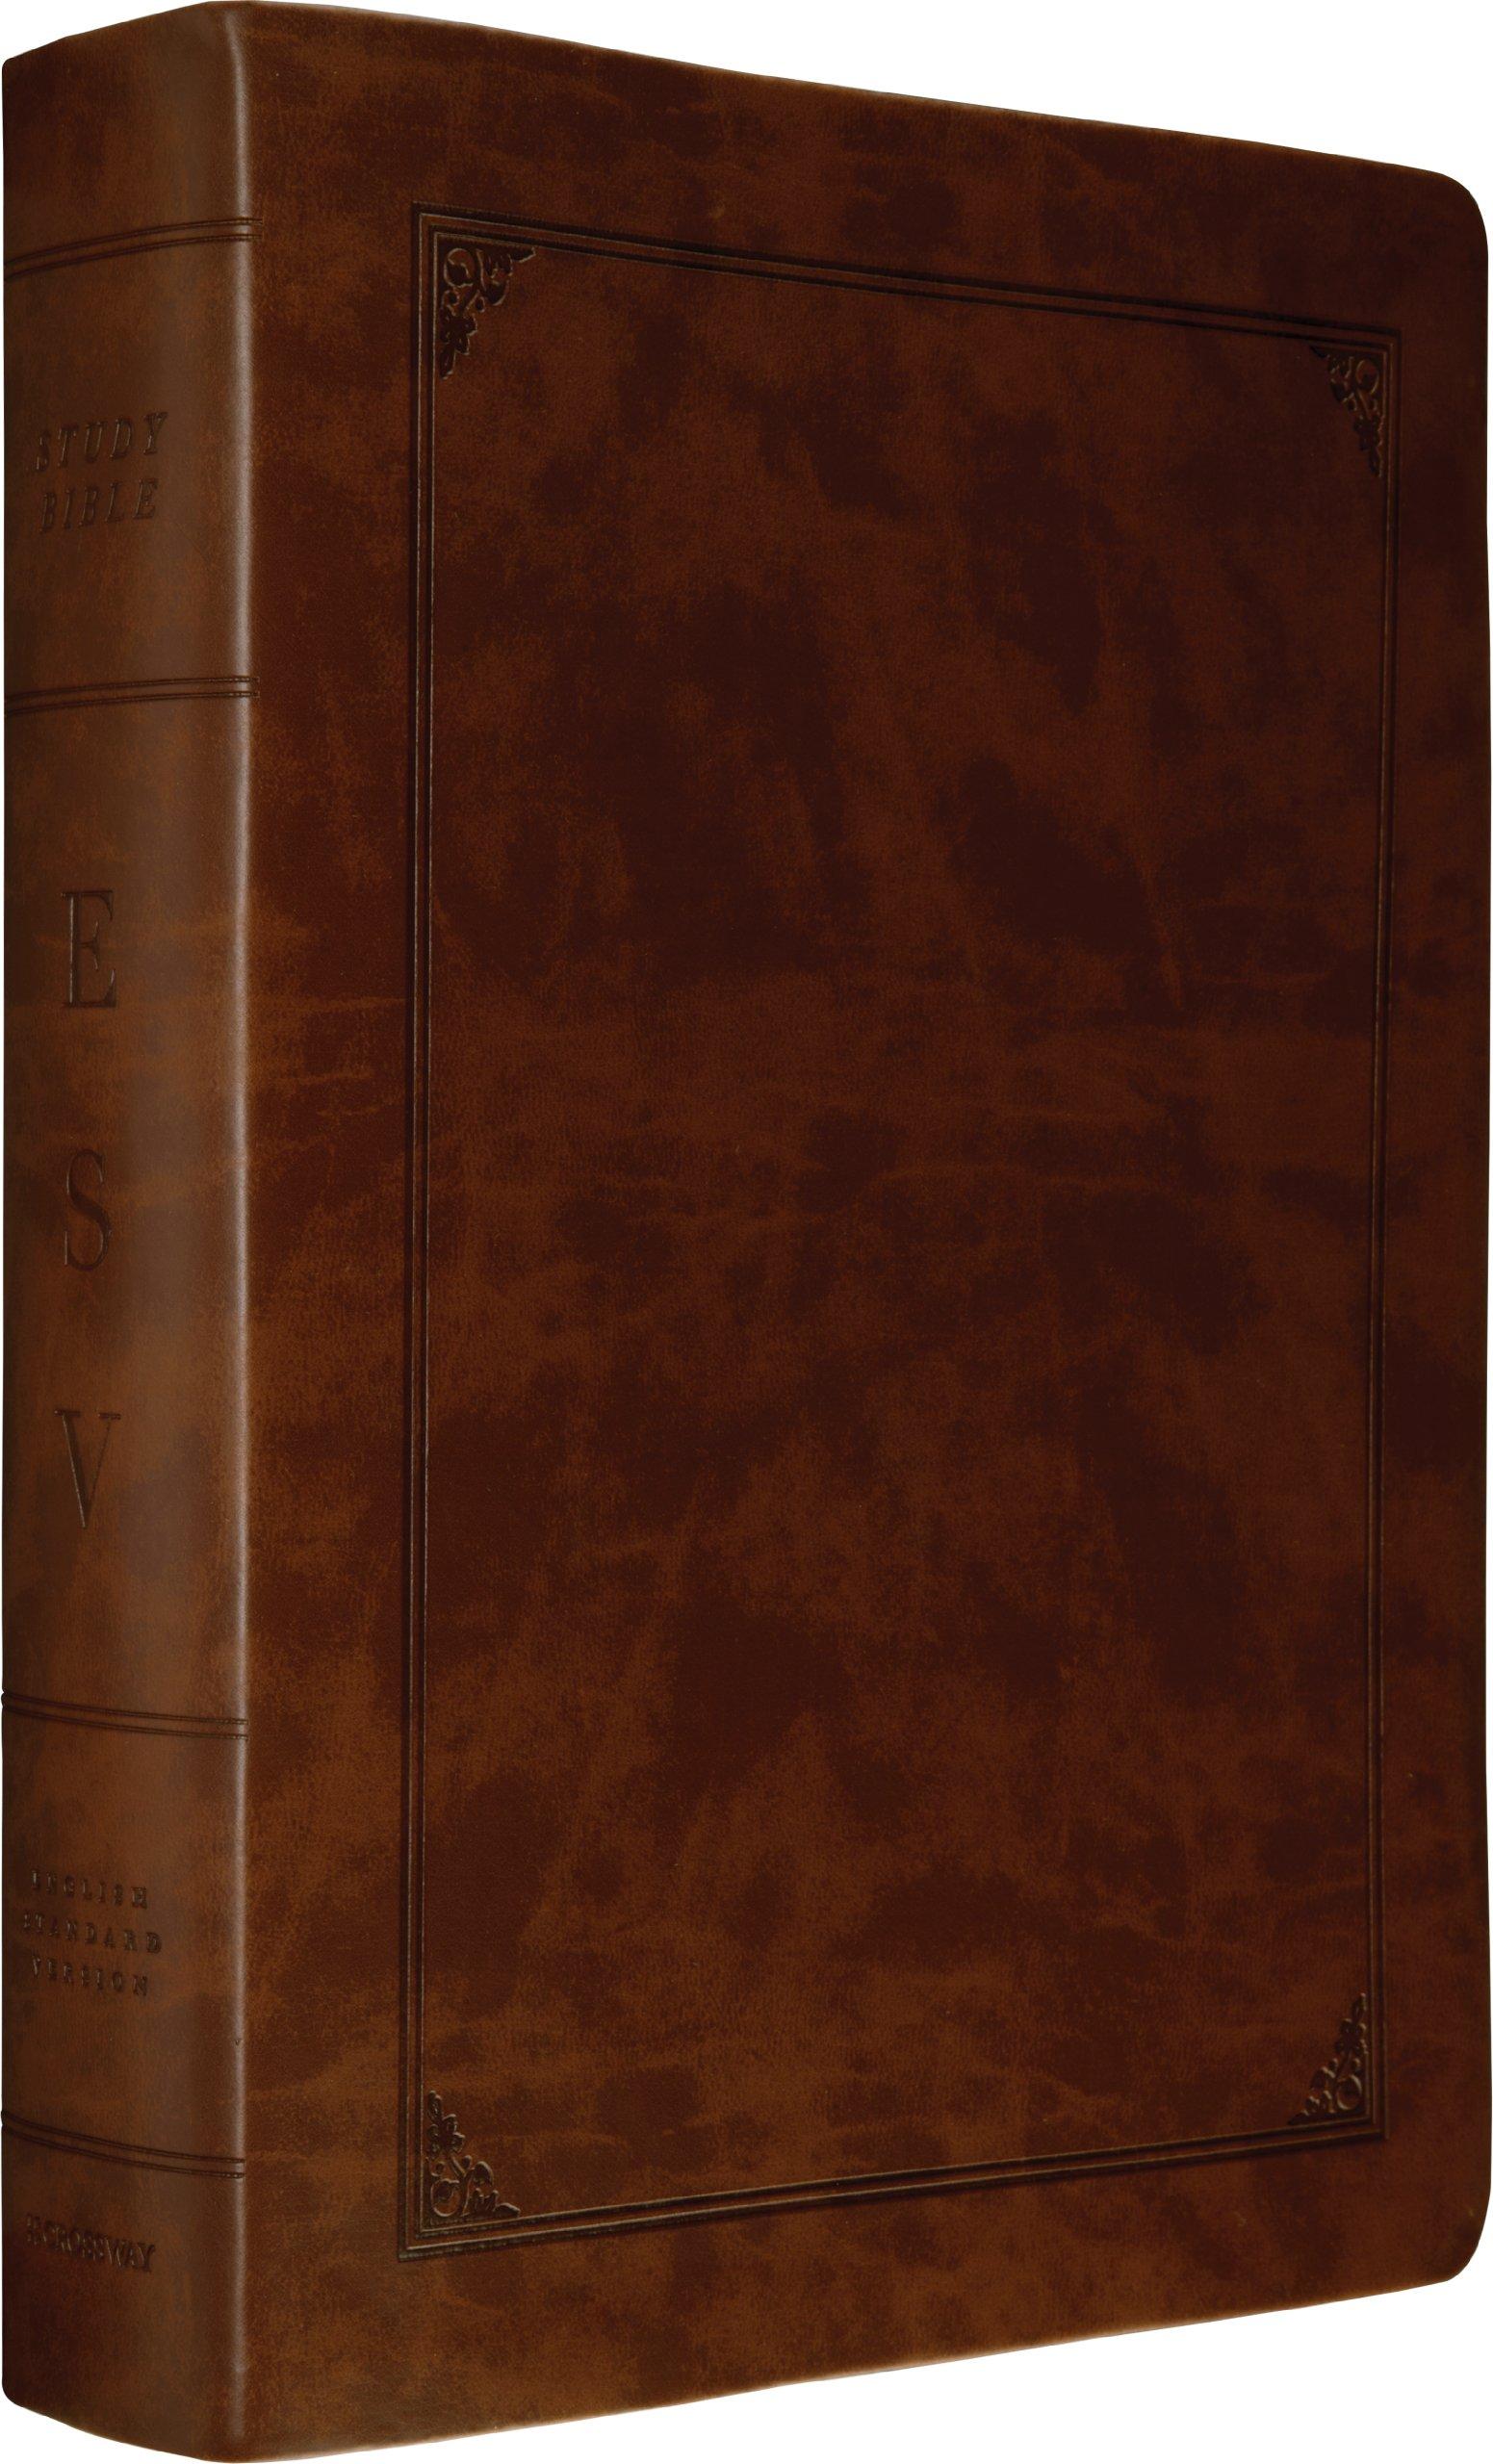 Download ESV Study Bible, Larger Print (TruTone, Walnut, Frame Design) ebook